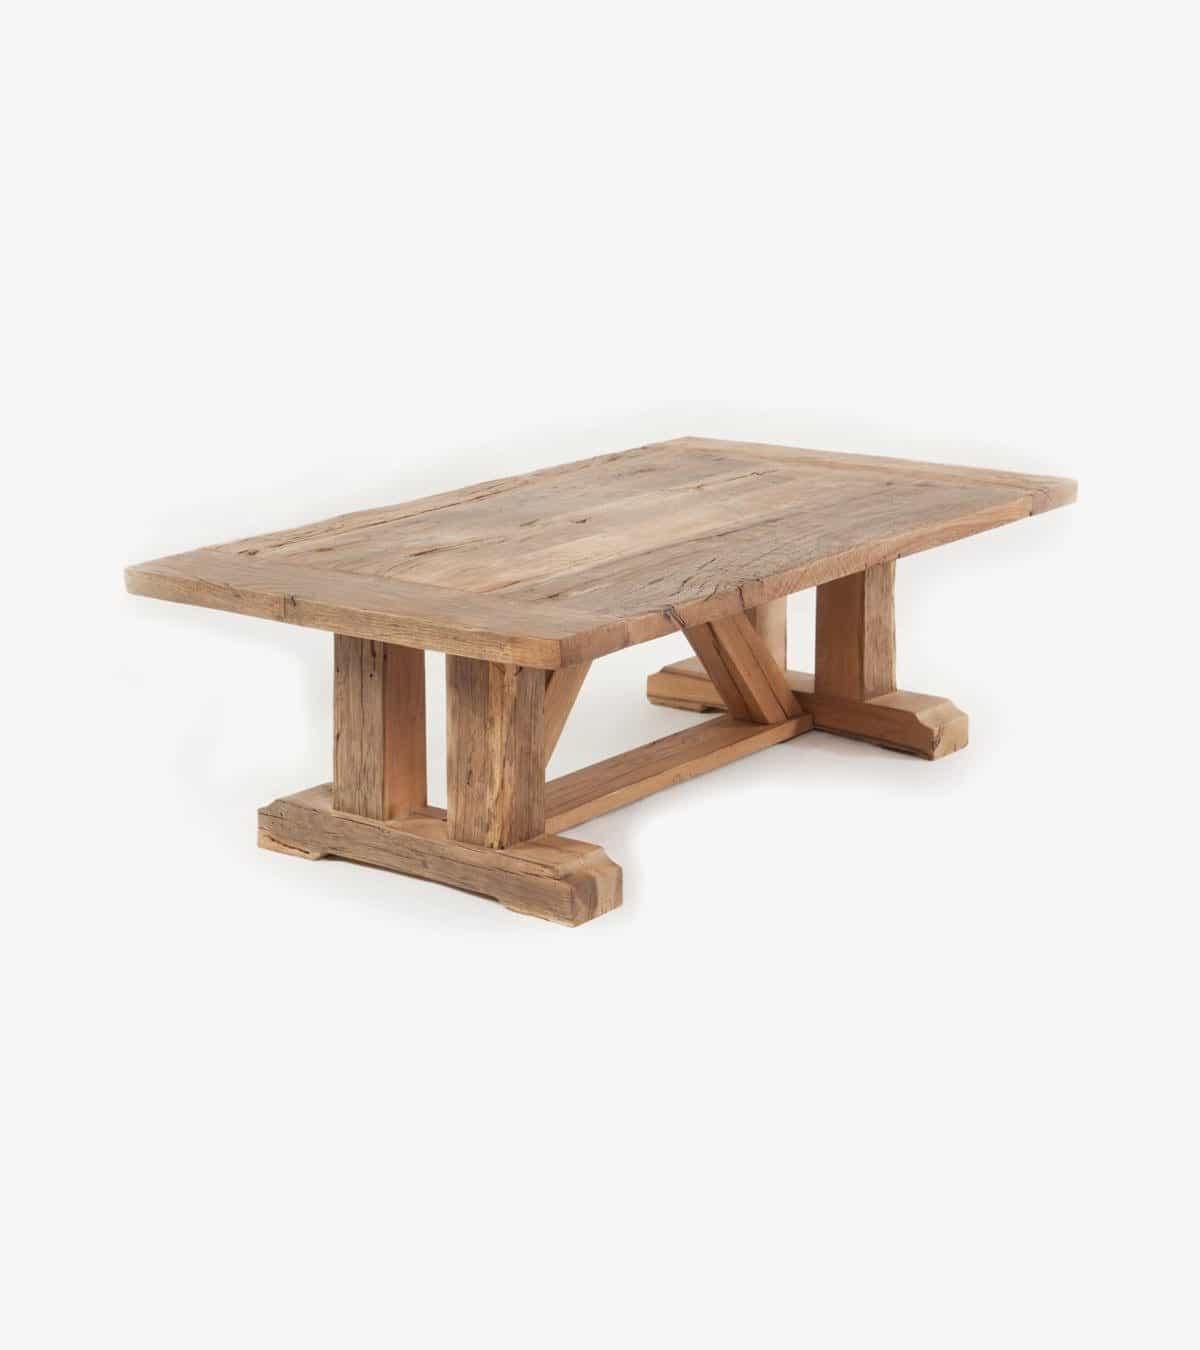 couchtisch salaj aus altholz eiche recycelt. Black Bedroom Furniture Sets. Home Design Ideas